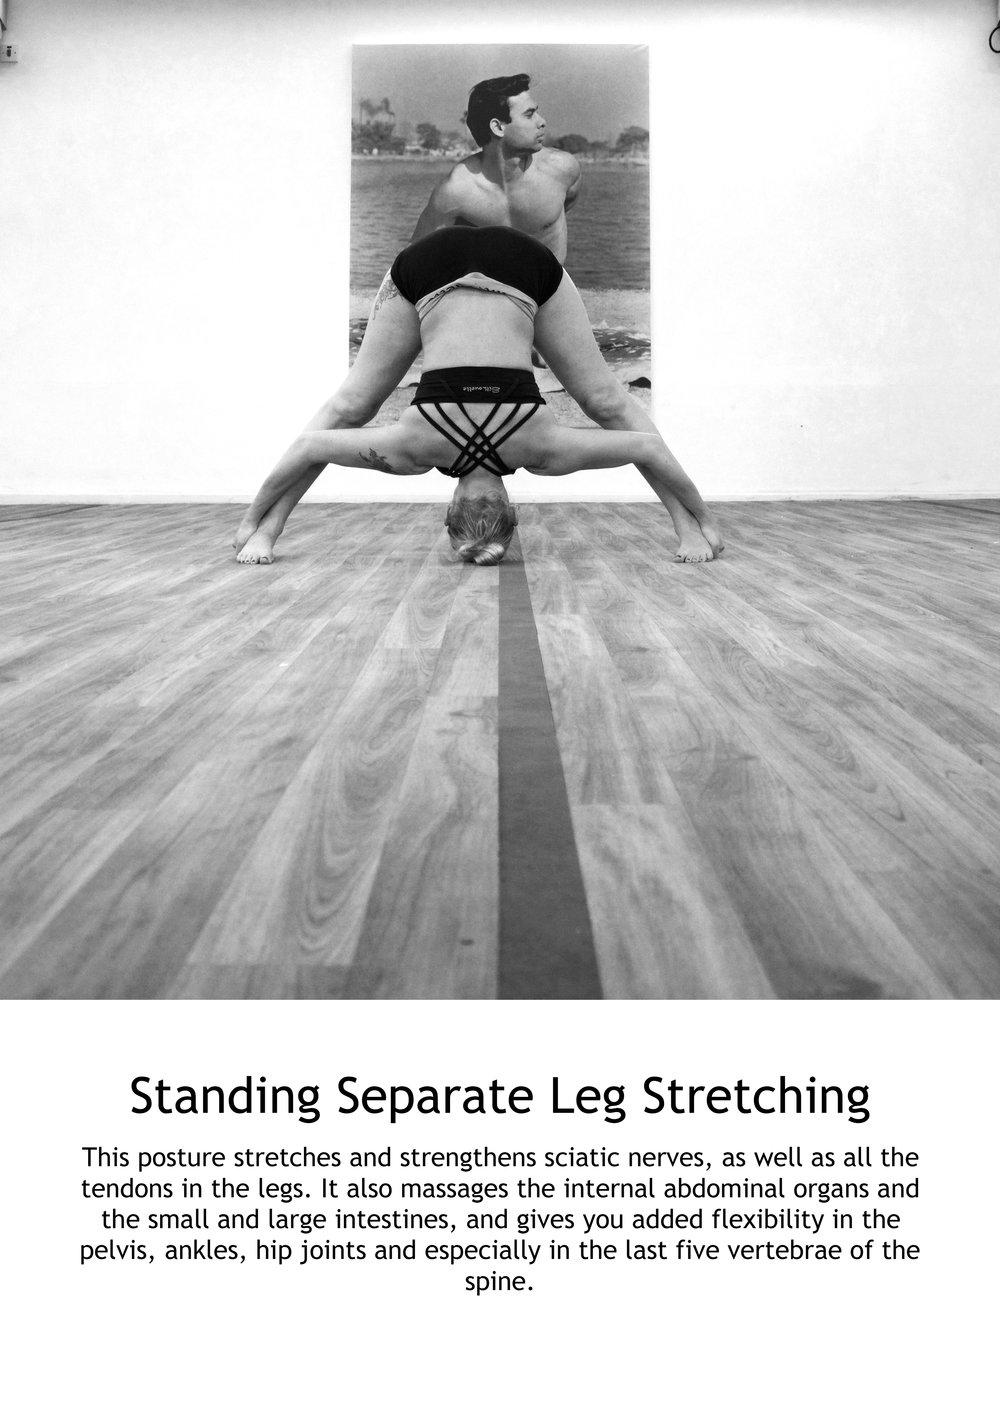 Separate Leg Stretching